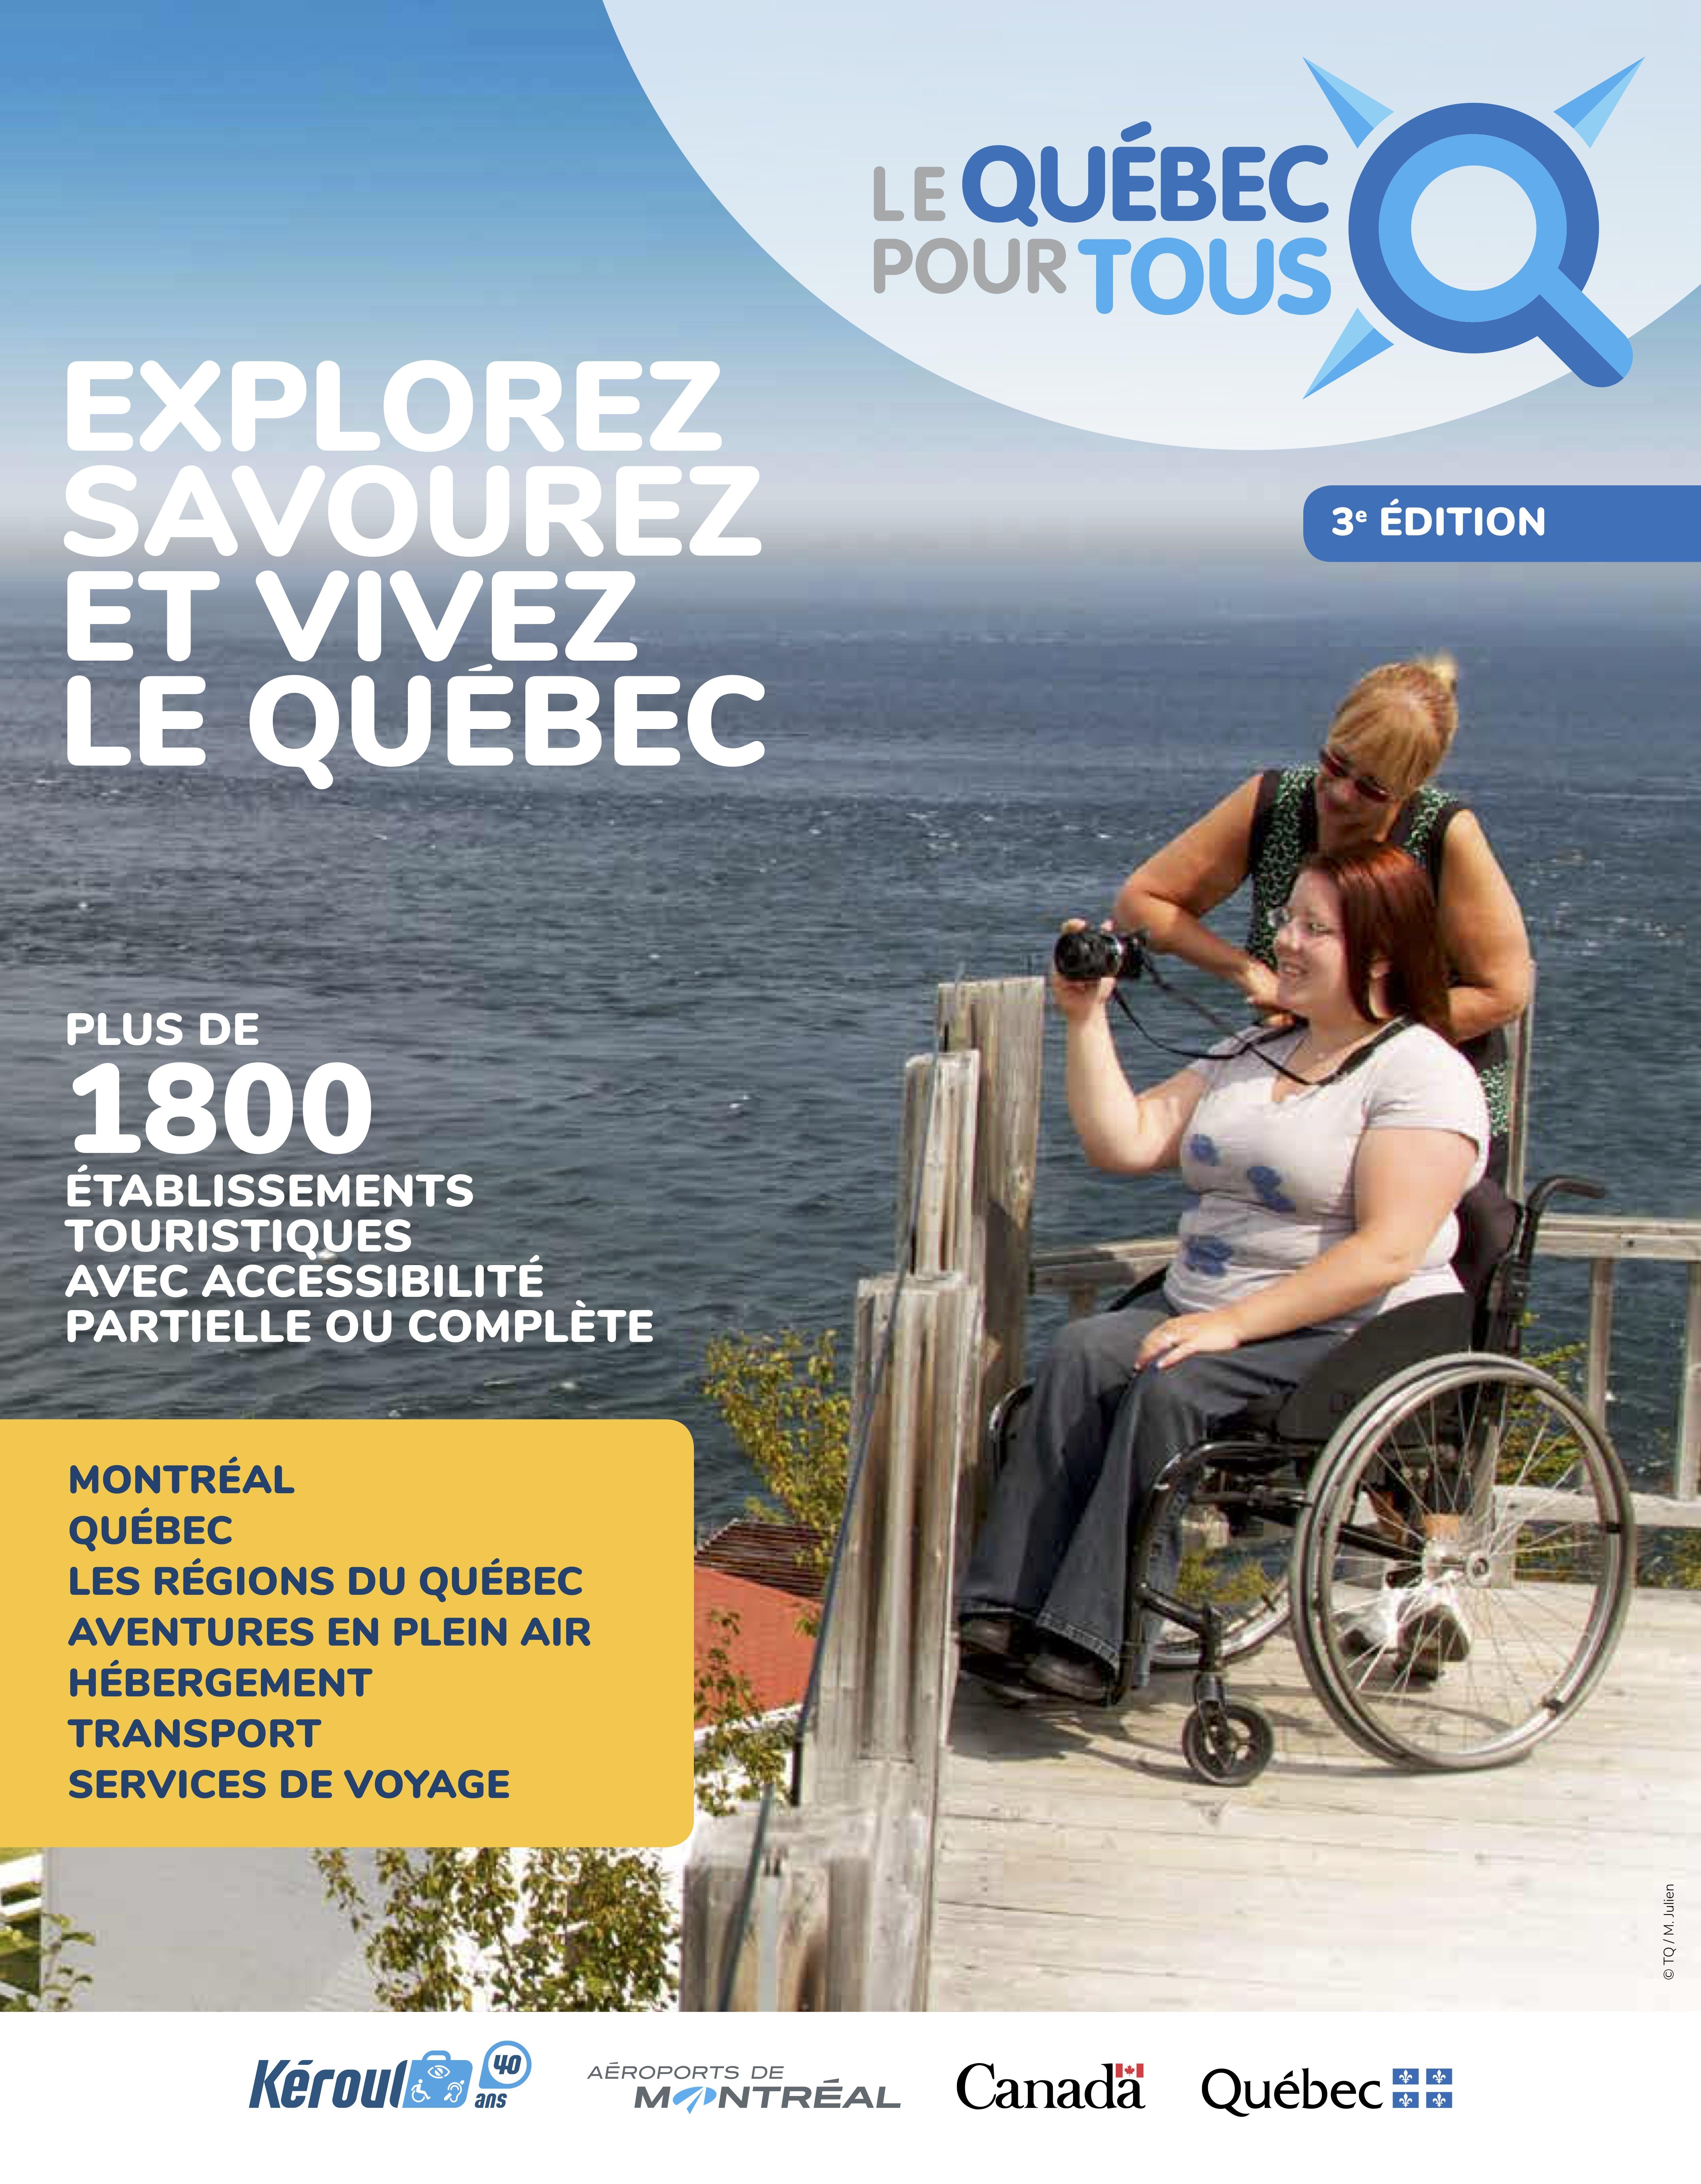 Couverture de la brochure Le Québec pour tous